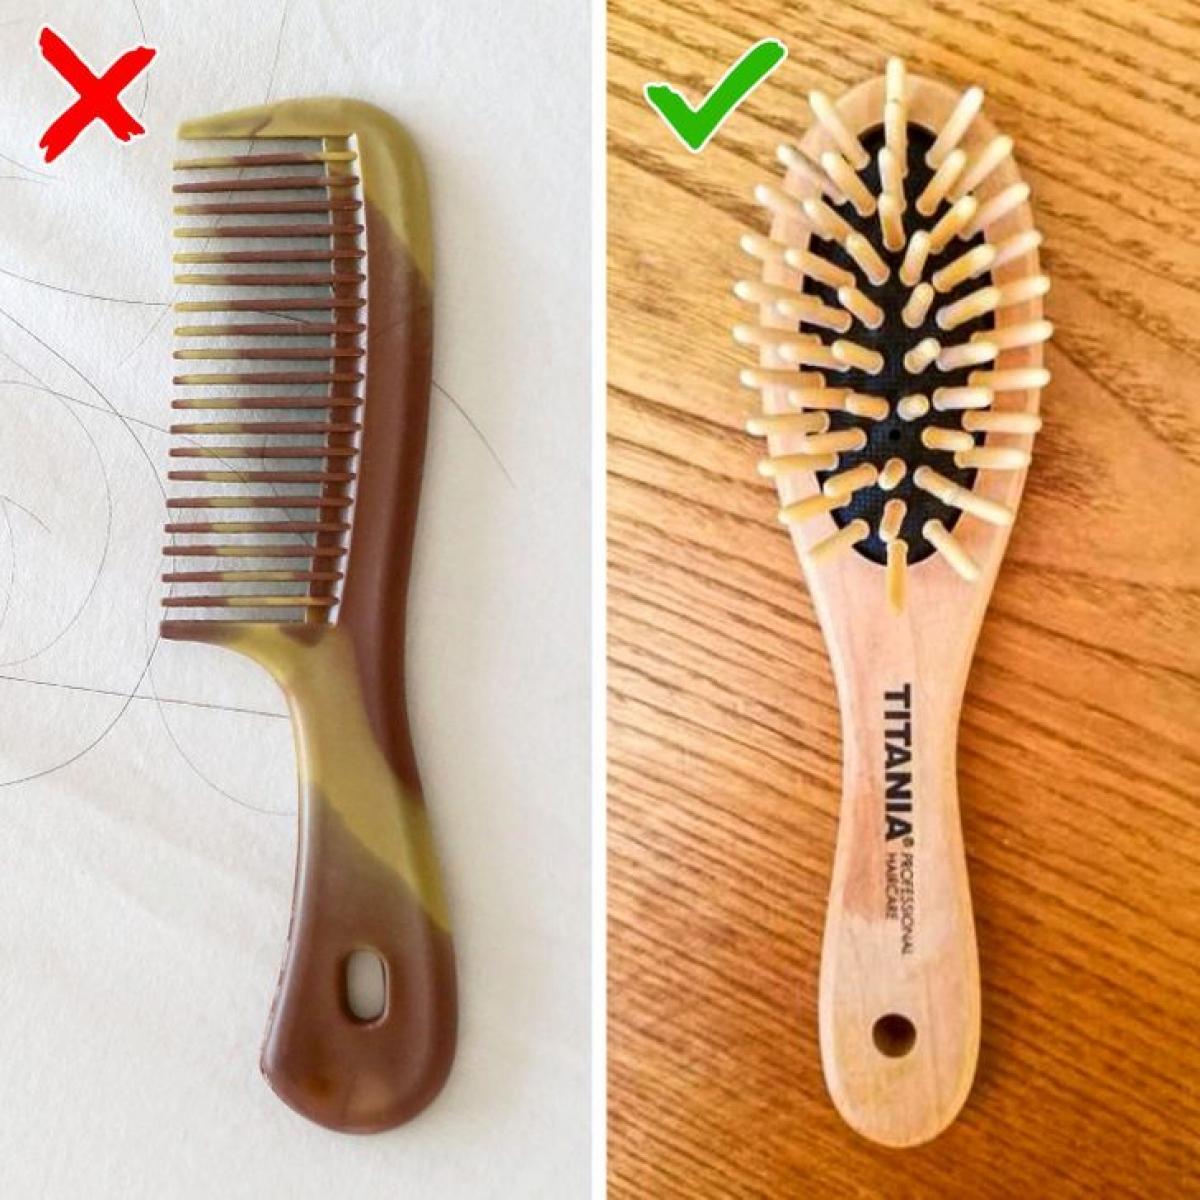 Lược kiểu cũ: Những chiếc lược kiểu này sẽ làm hại tóc bại, giúp tóc và da đầu bạn dễ tổn thương. Hãy sử dụng lược gỗ với đầu lược mềm mại có tác dụng masage da đầu.